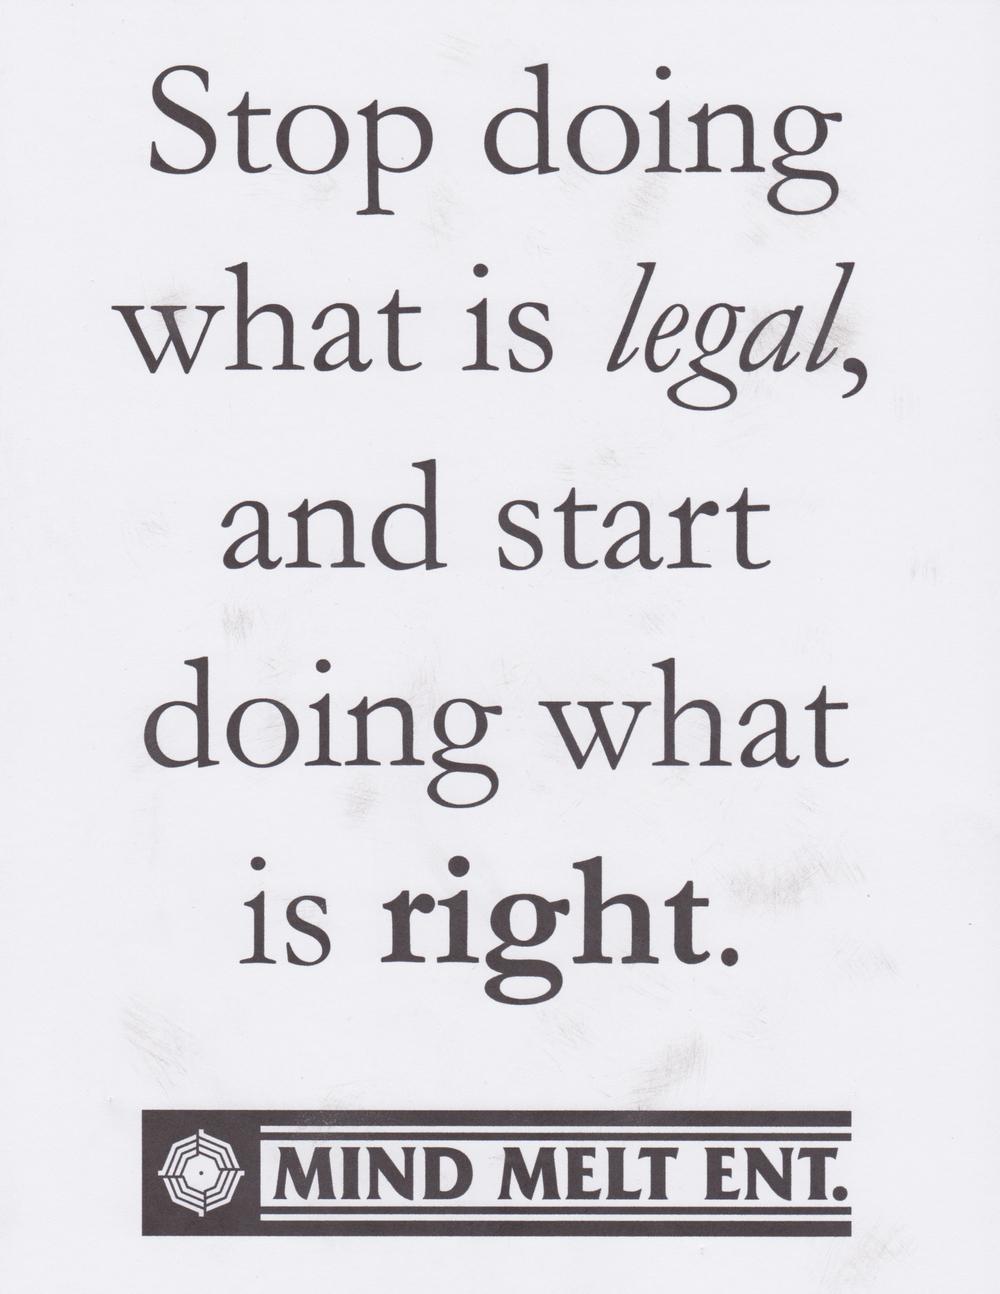 legalaintright.jpg